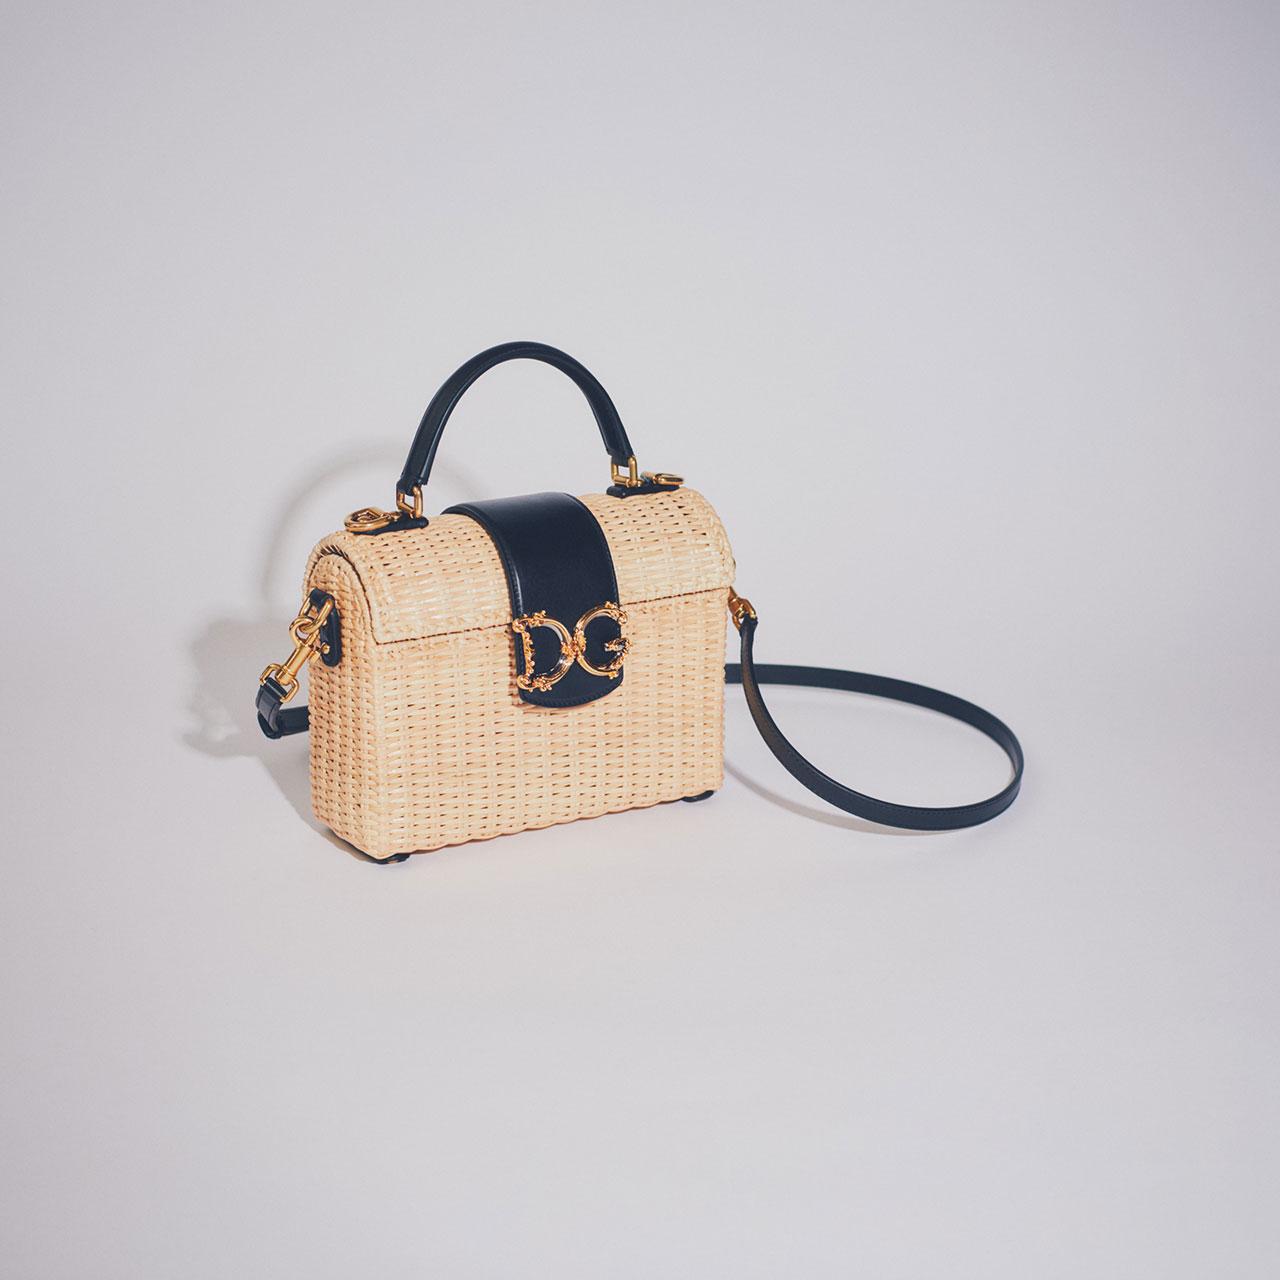 ¥390,000 (予定価格) [25×18×10cm]、Dolce&Gabbana/ドルチェ&ガッバーナ ジャパン 03-6419-2220